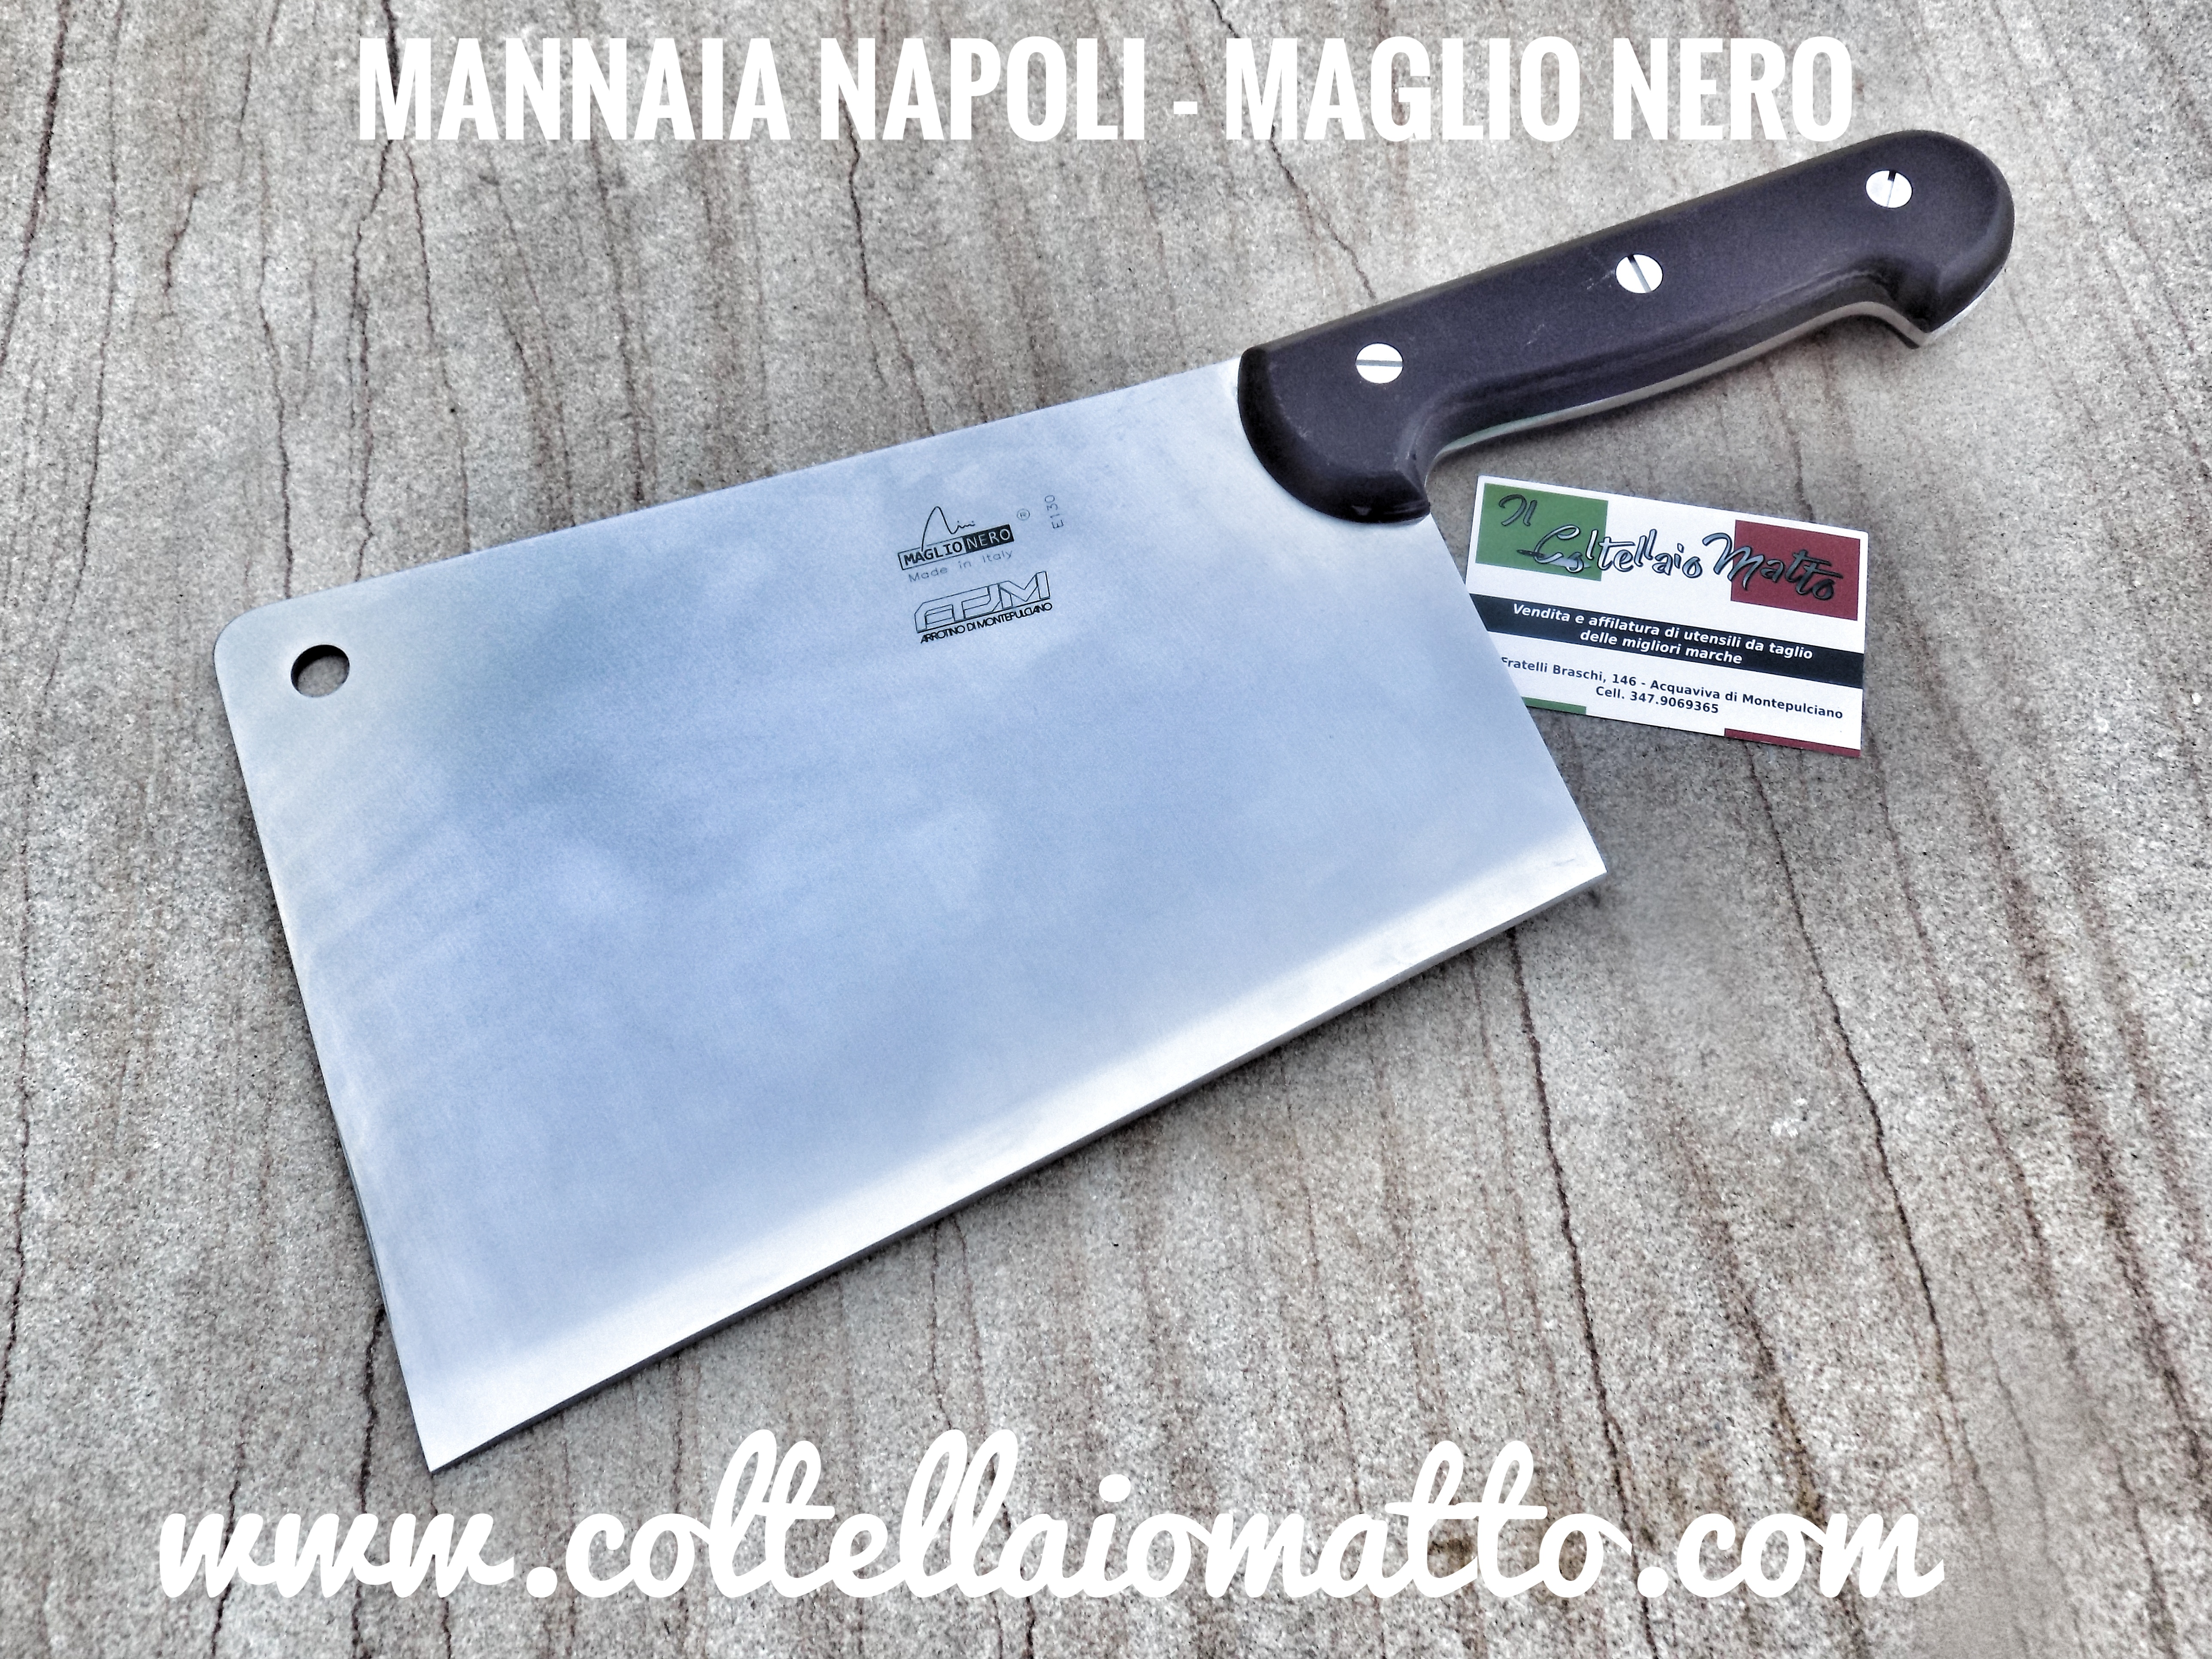 Mannaia-napoli-pesante-